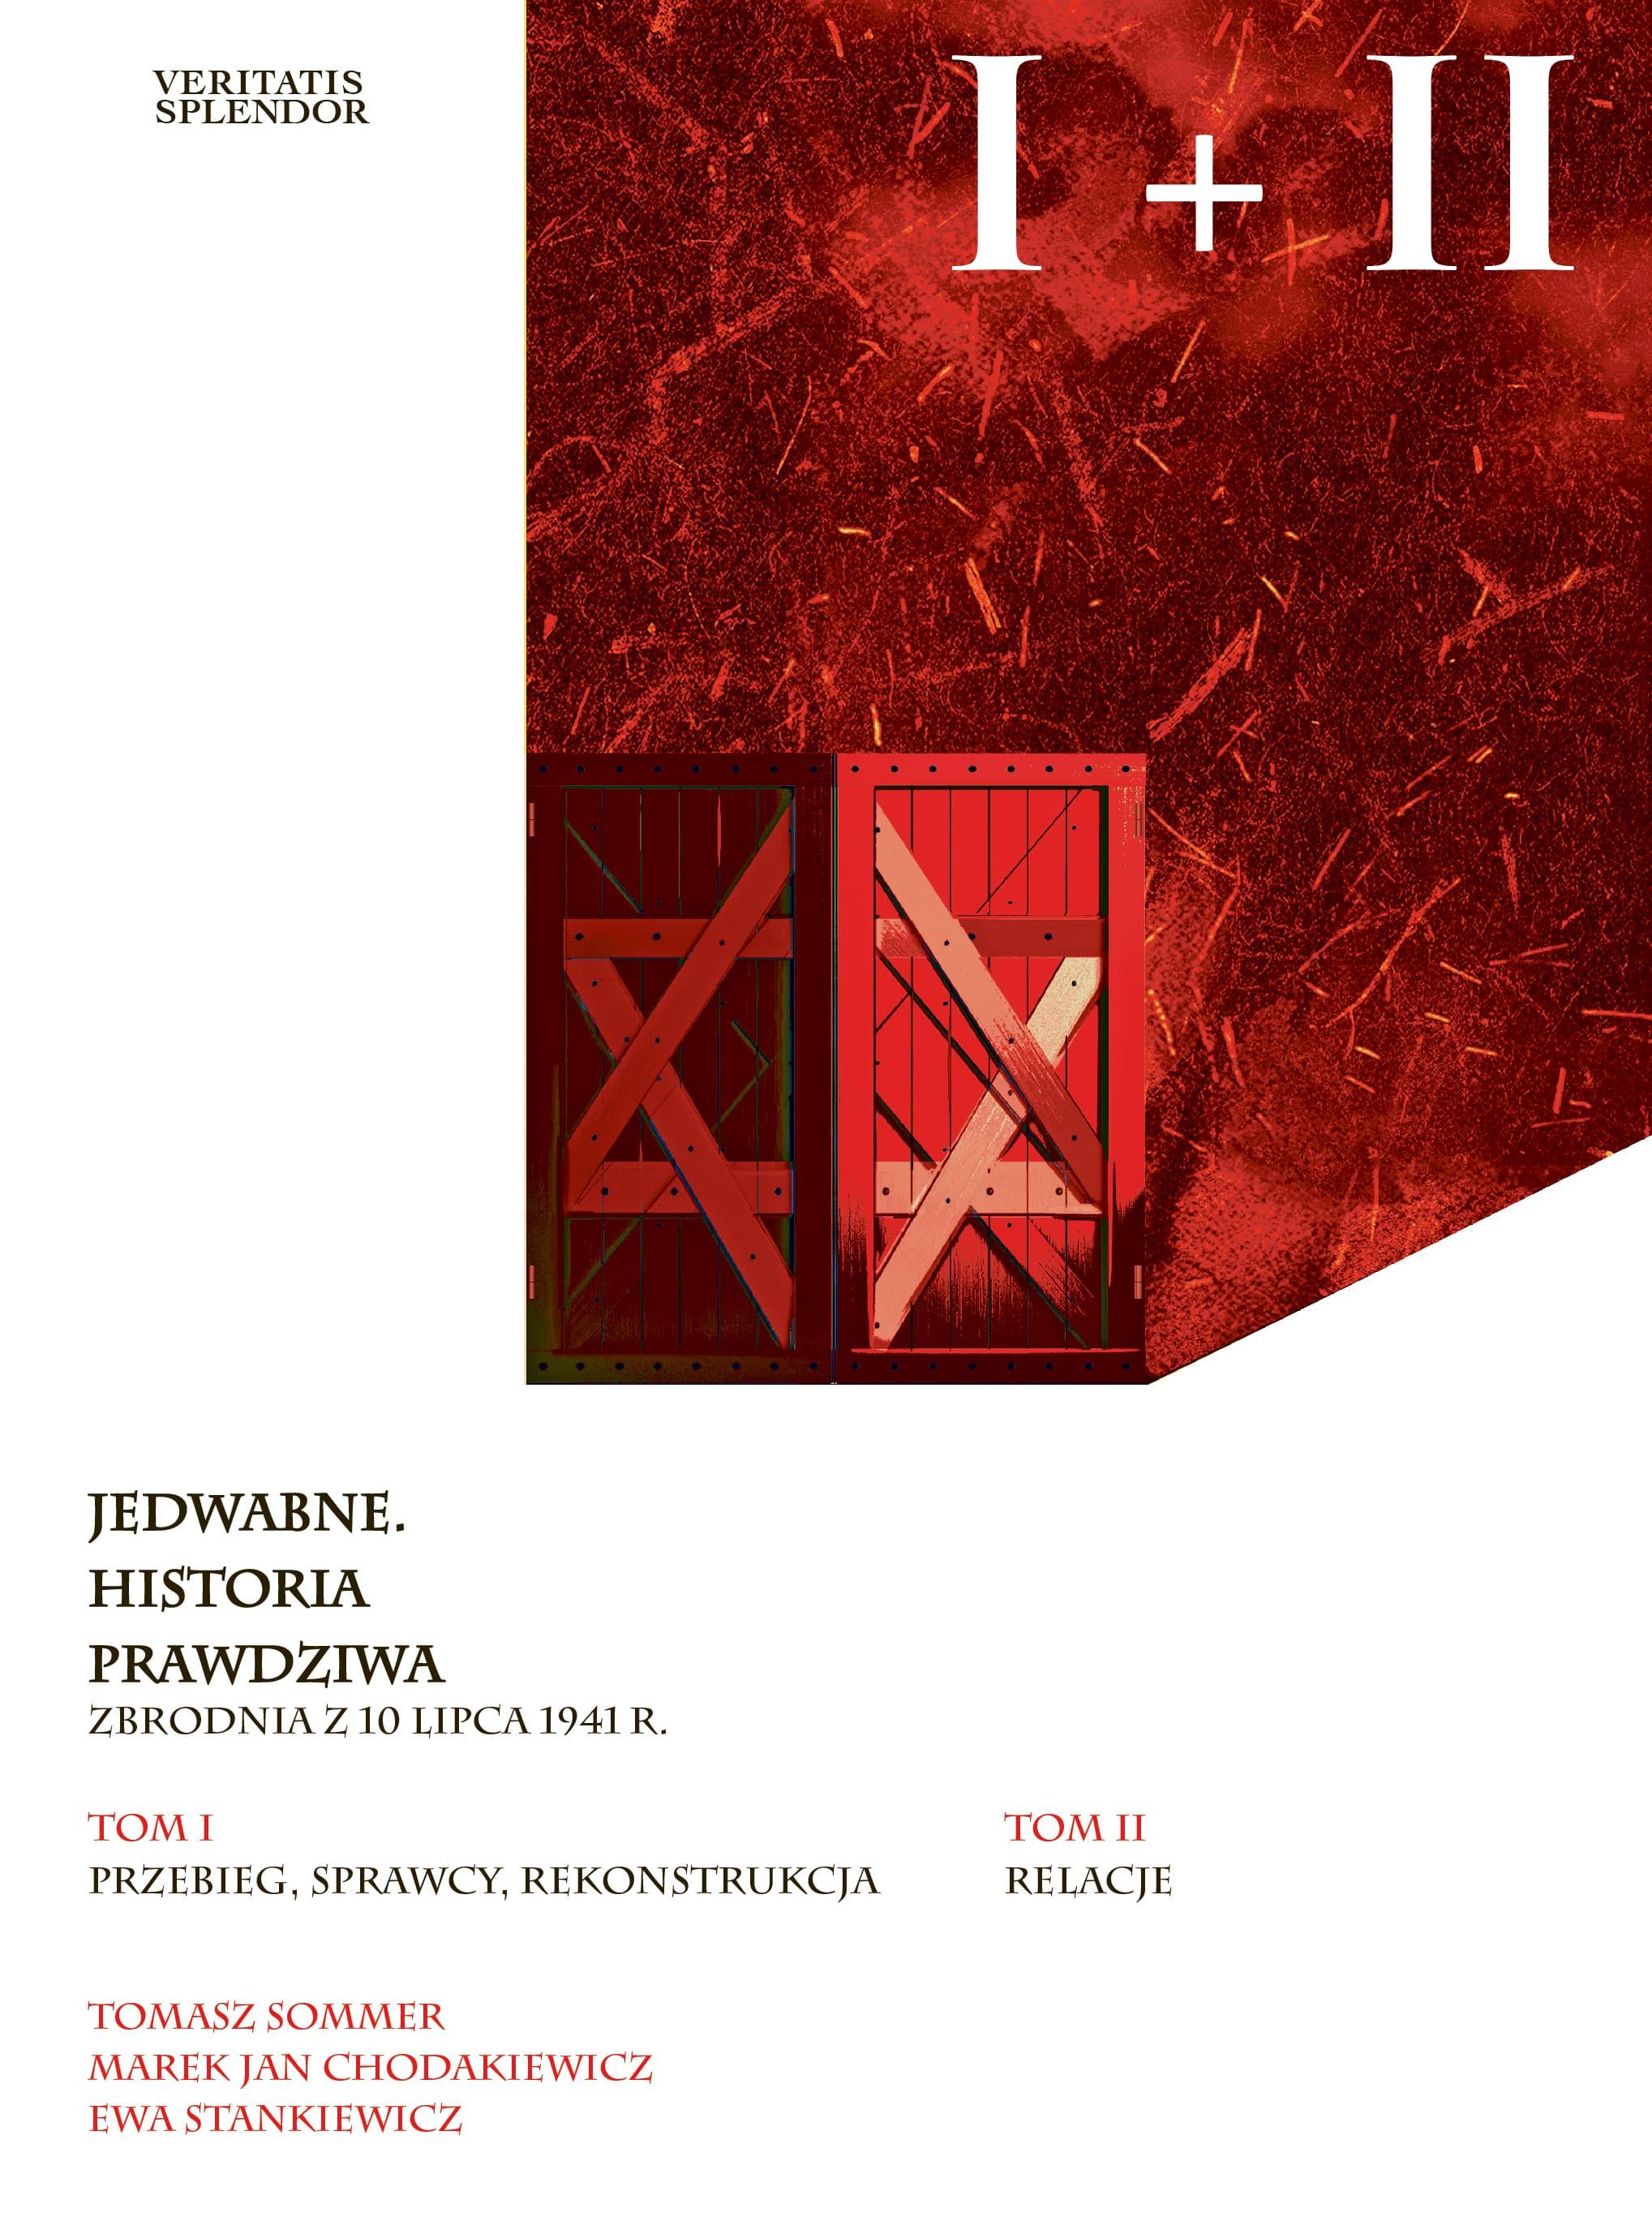 Jedwabne Historia prawdziwa T.1/2 (T.Sommer M.J.Chodakiewicz E.Stankiewicz)